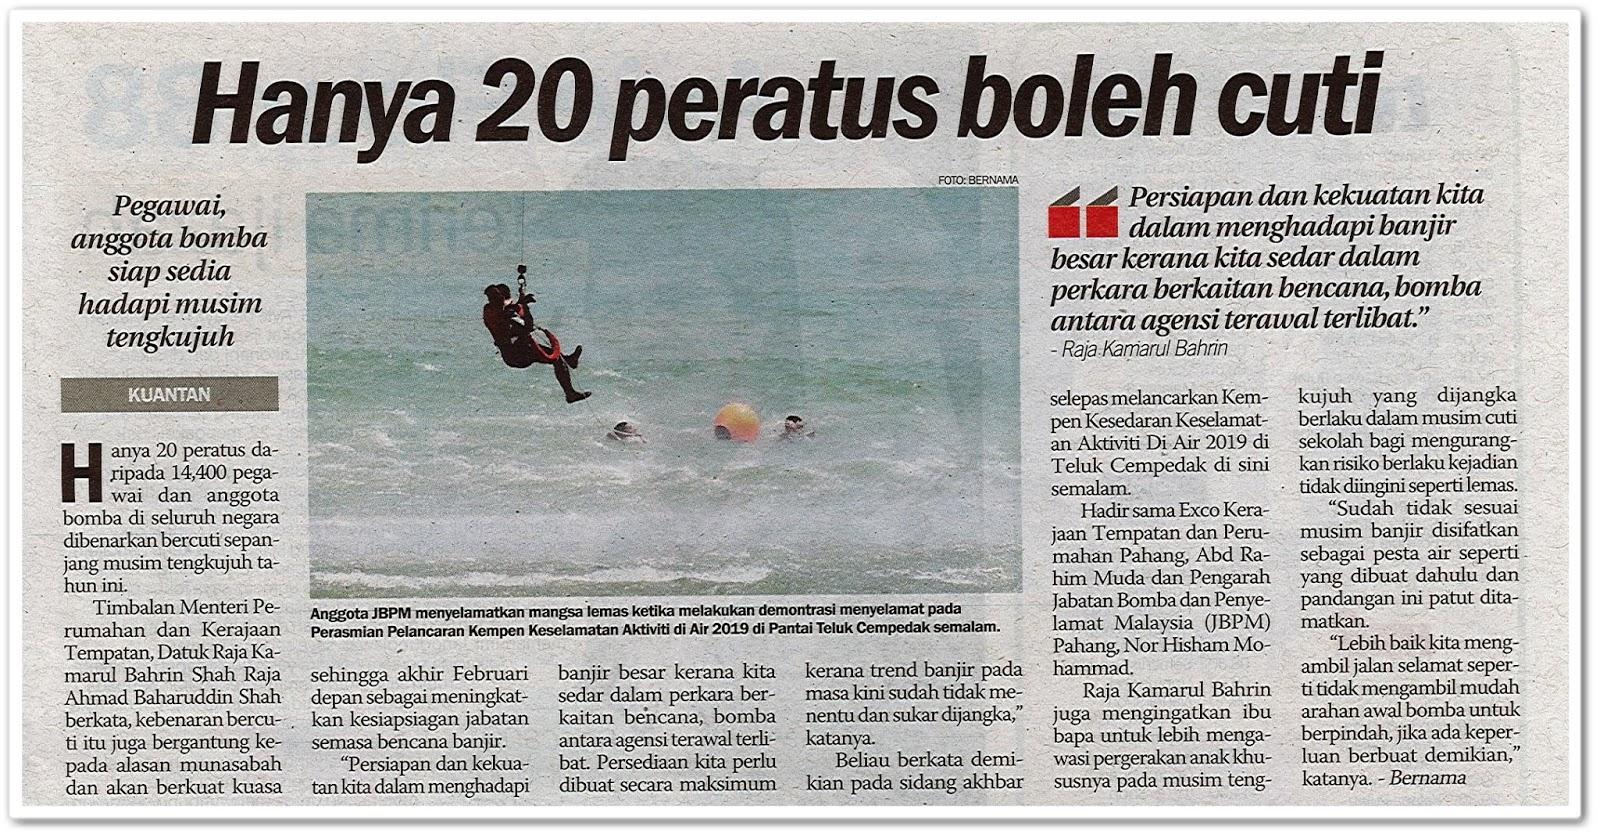 Hanya 20 peratus boleh cuti - Keratan akhbar Sinar Harian 11 November 2019